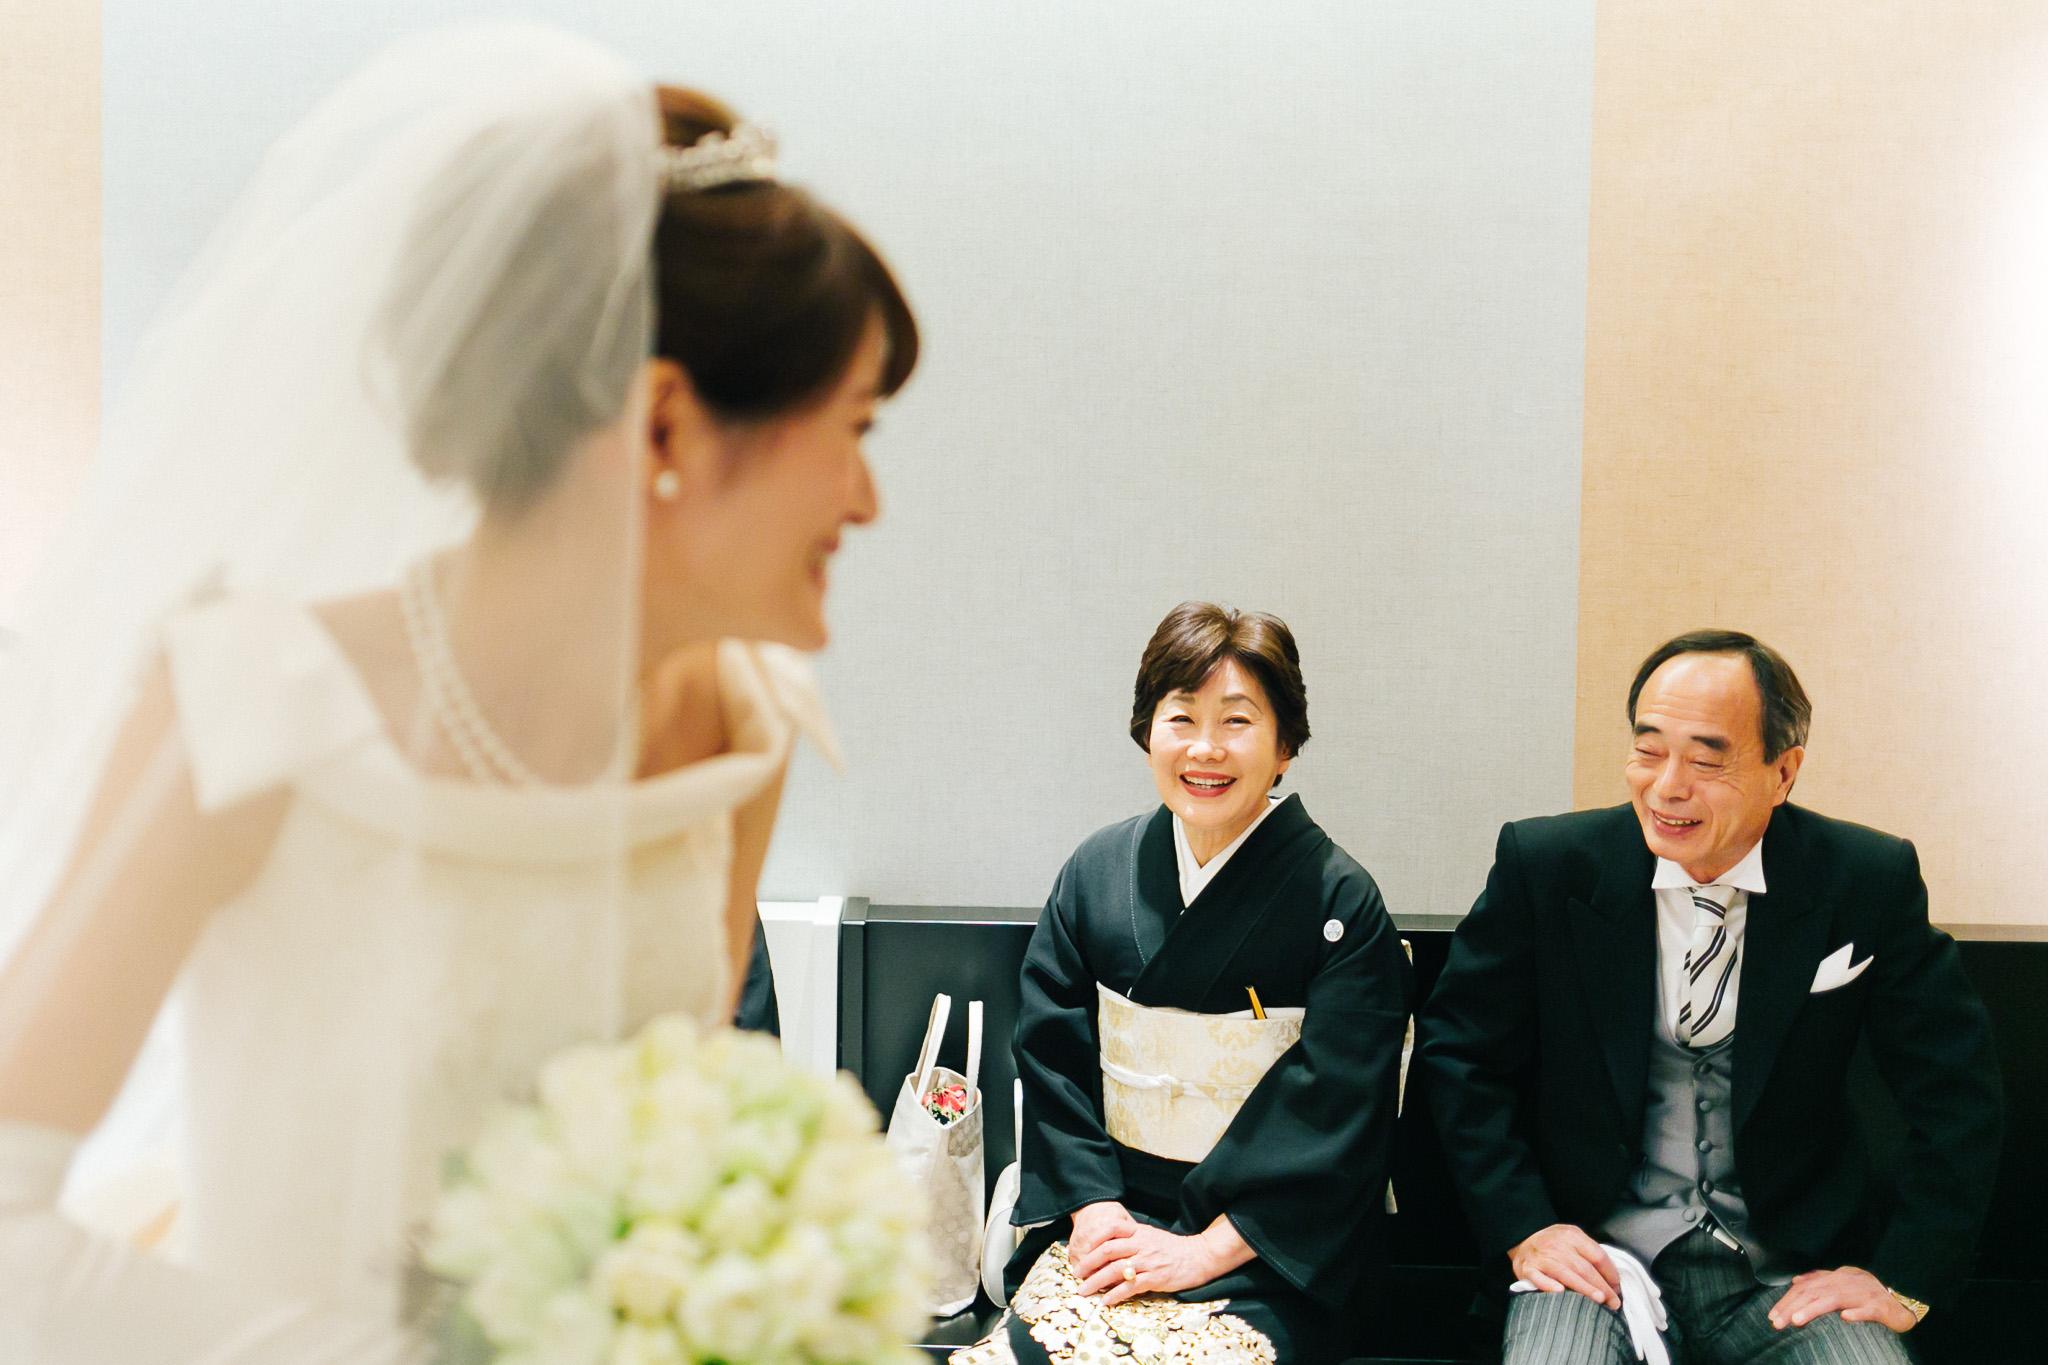 挙式が始まる前に、その場を離れる新婦にご両親が暖かい言葉をかけてくれた。家族を大切にする新婦のことを事前によく知っていたからこそ撮れた一枚だと言える。